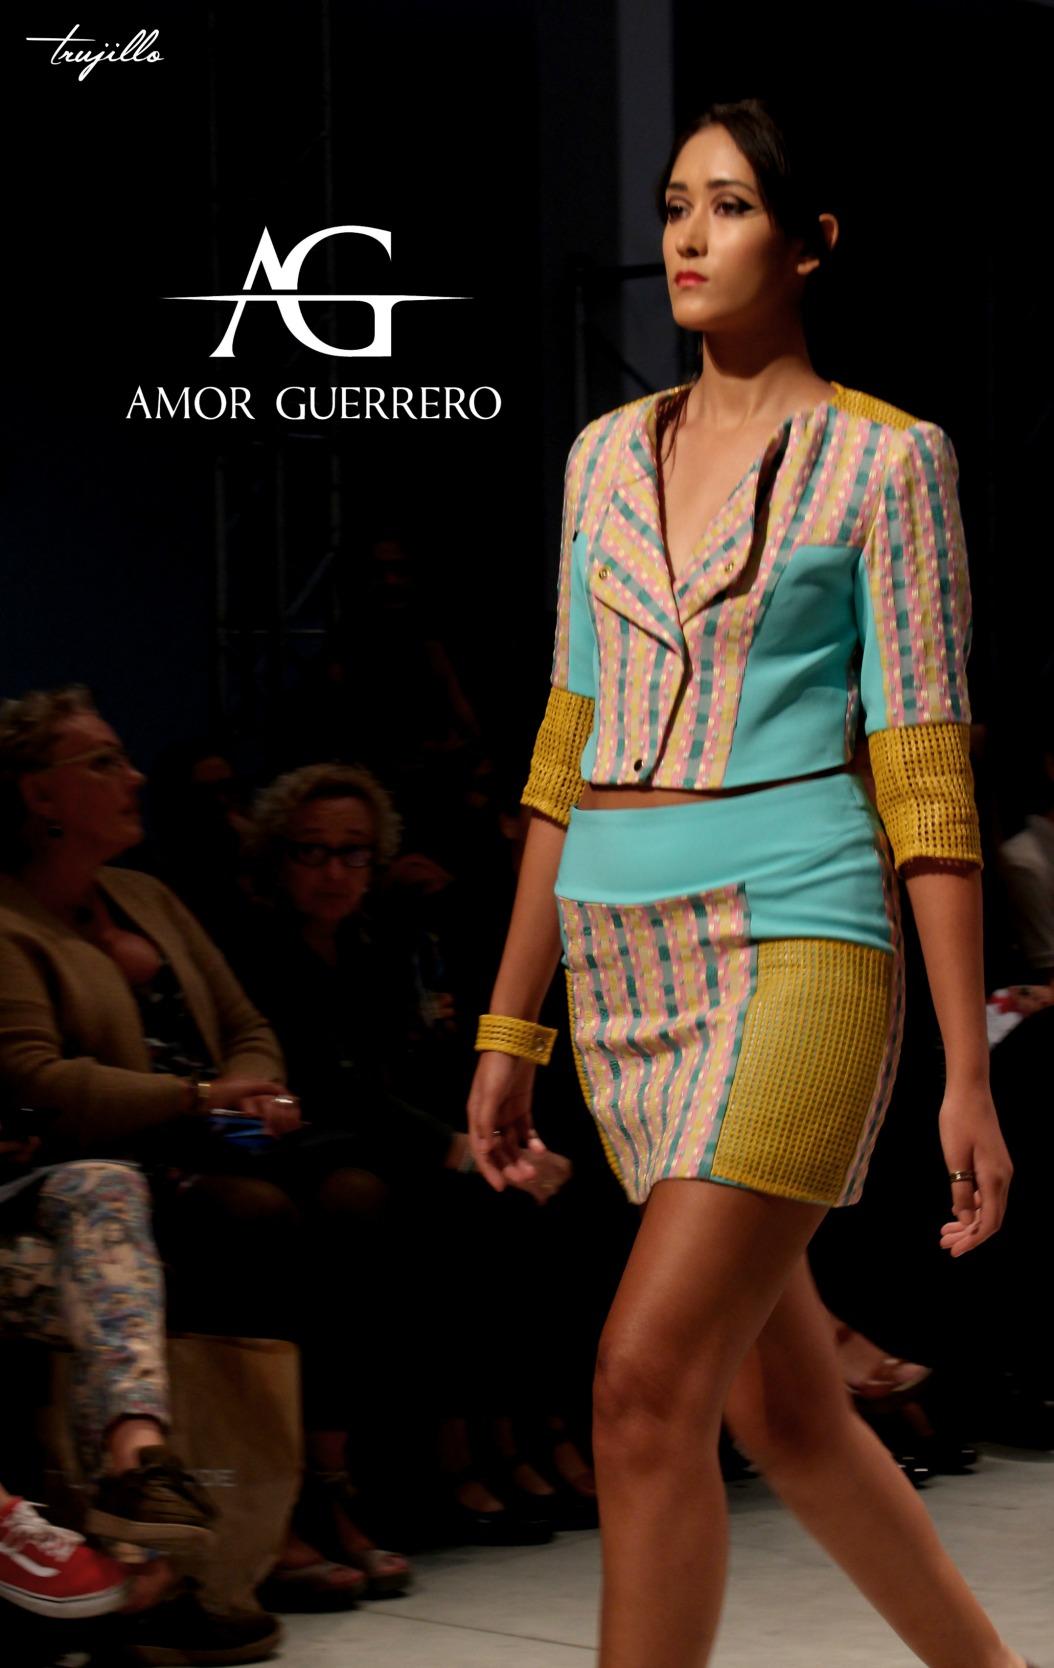 Amor Guerrerro / Alicante Fashion Week